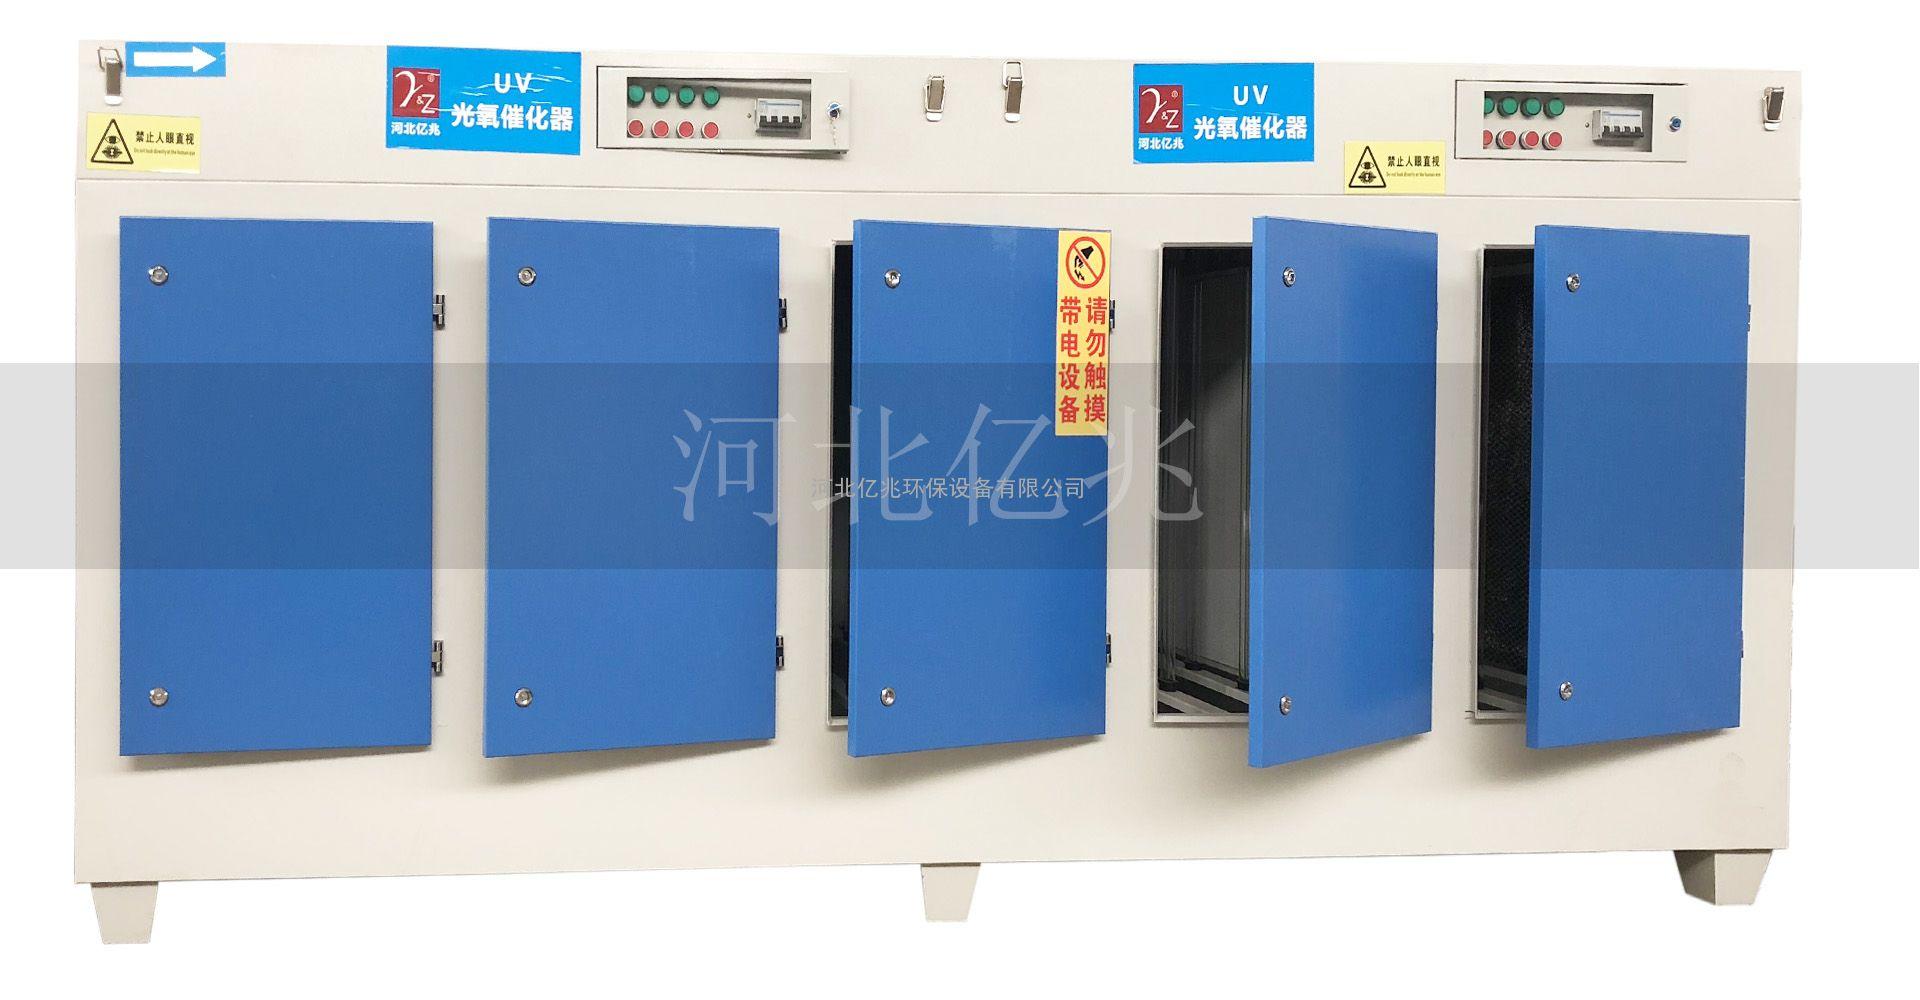 碳钢UV光波紫外光除臭设备玻璃钢磁感光氧除臭设备